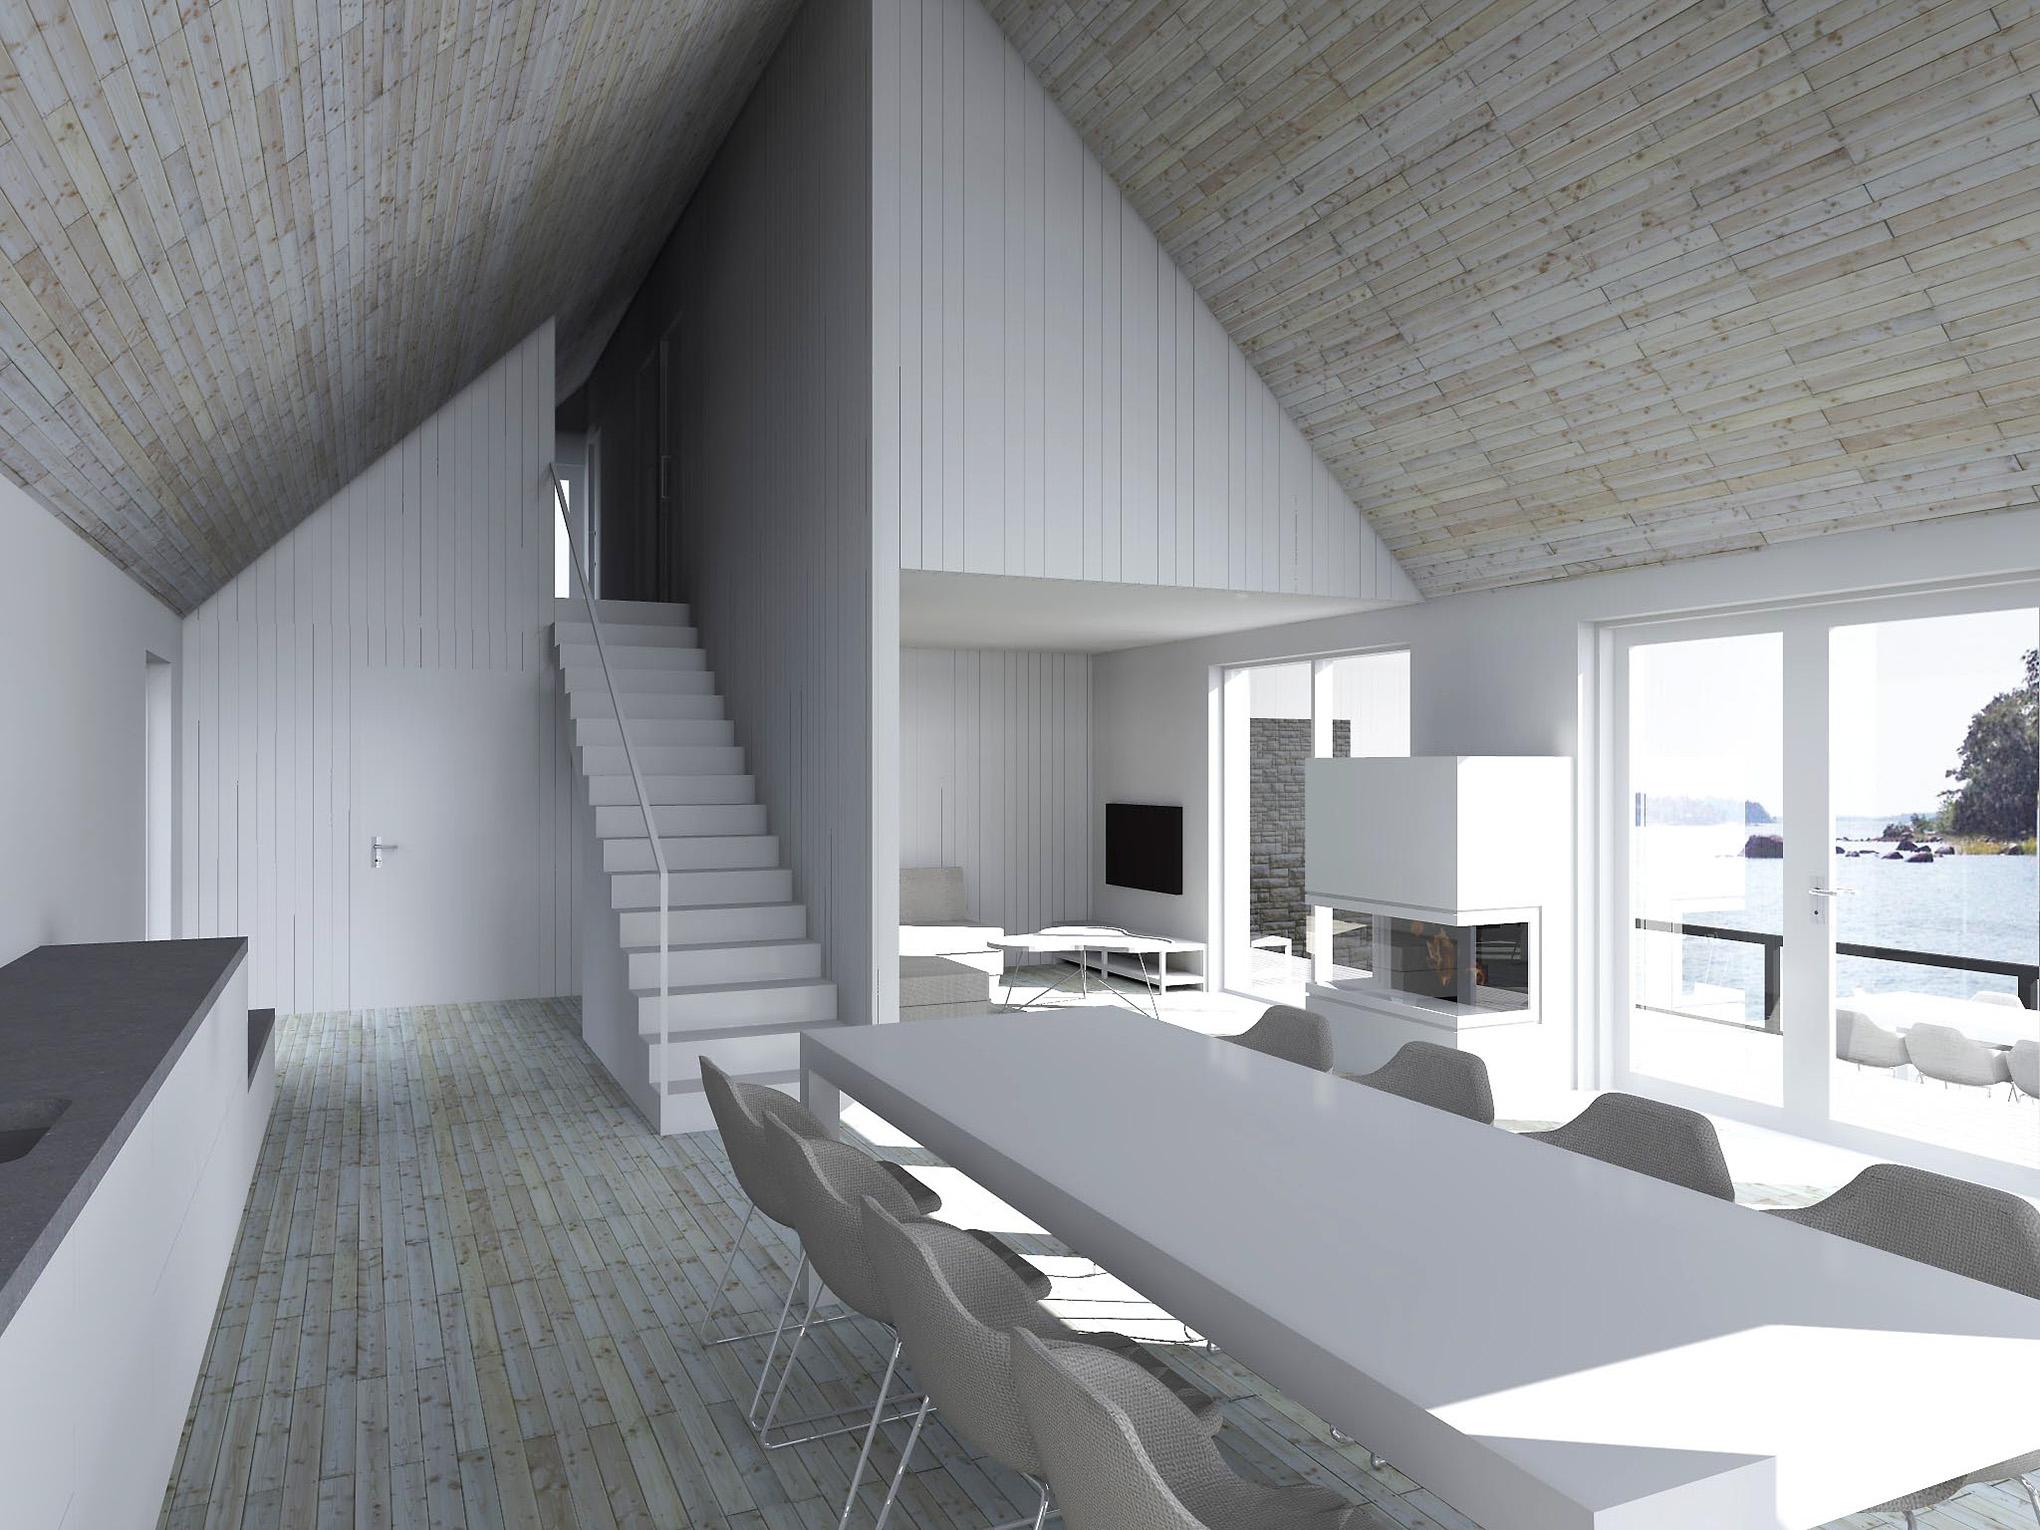 Arkkitehdin suunnittelema huvila S1312 (7).jpg